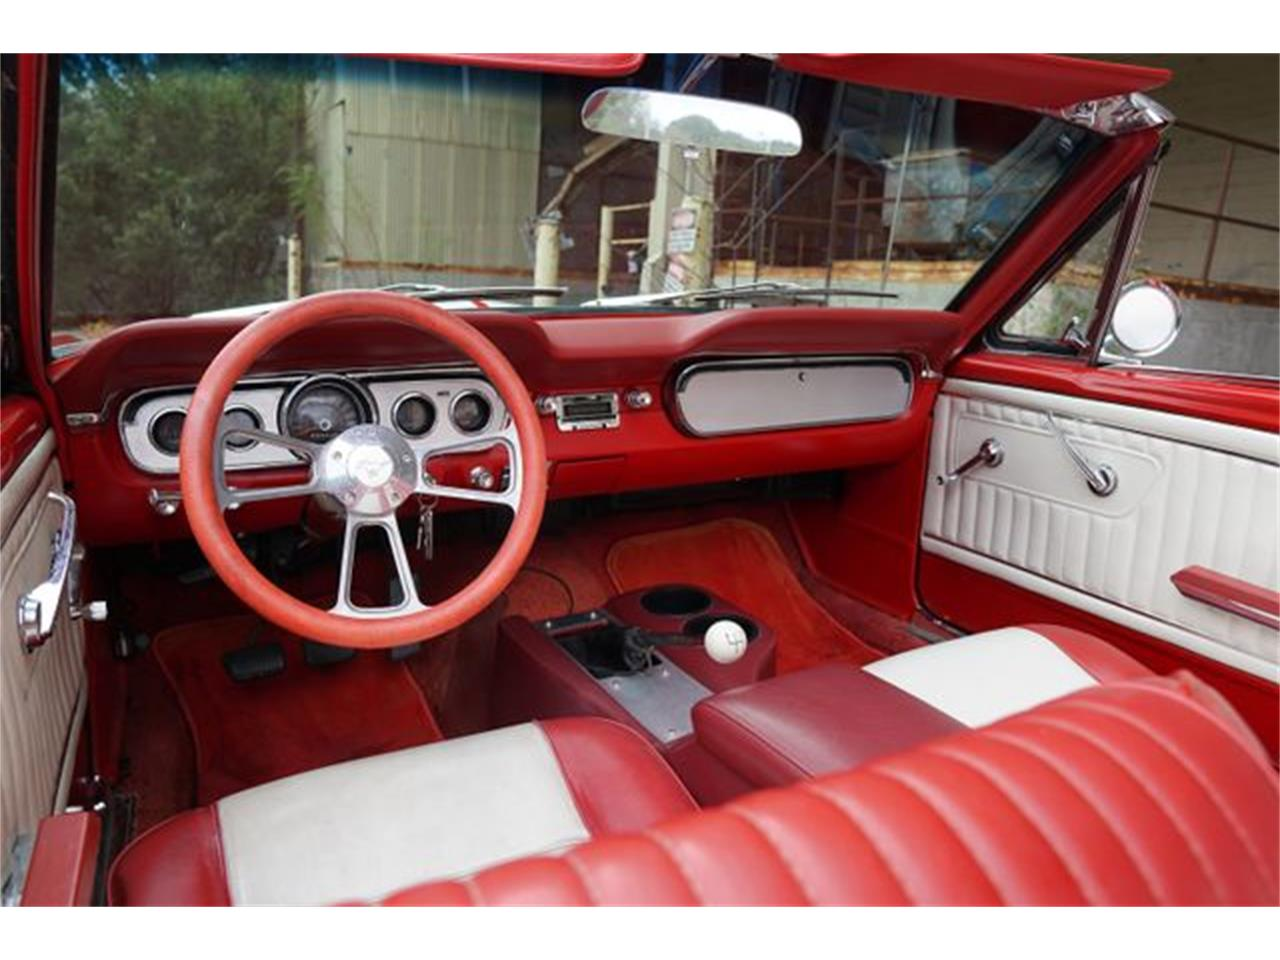 Ford Mustang V8 réplique shelby 350 1965 prix tout compris